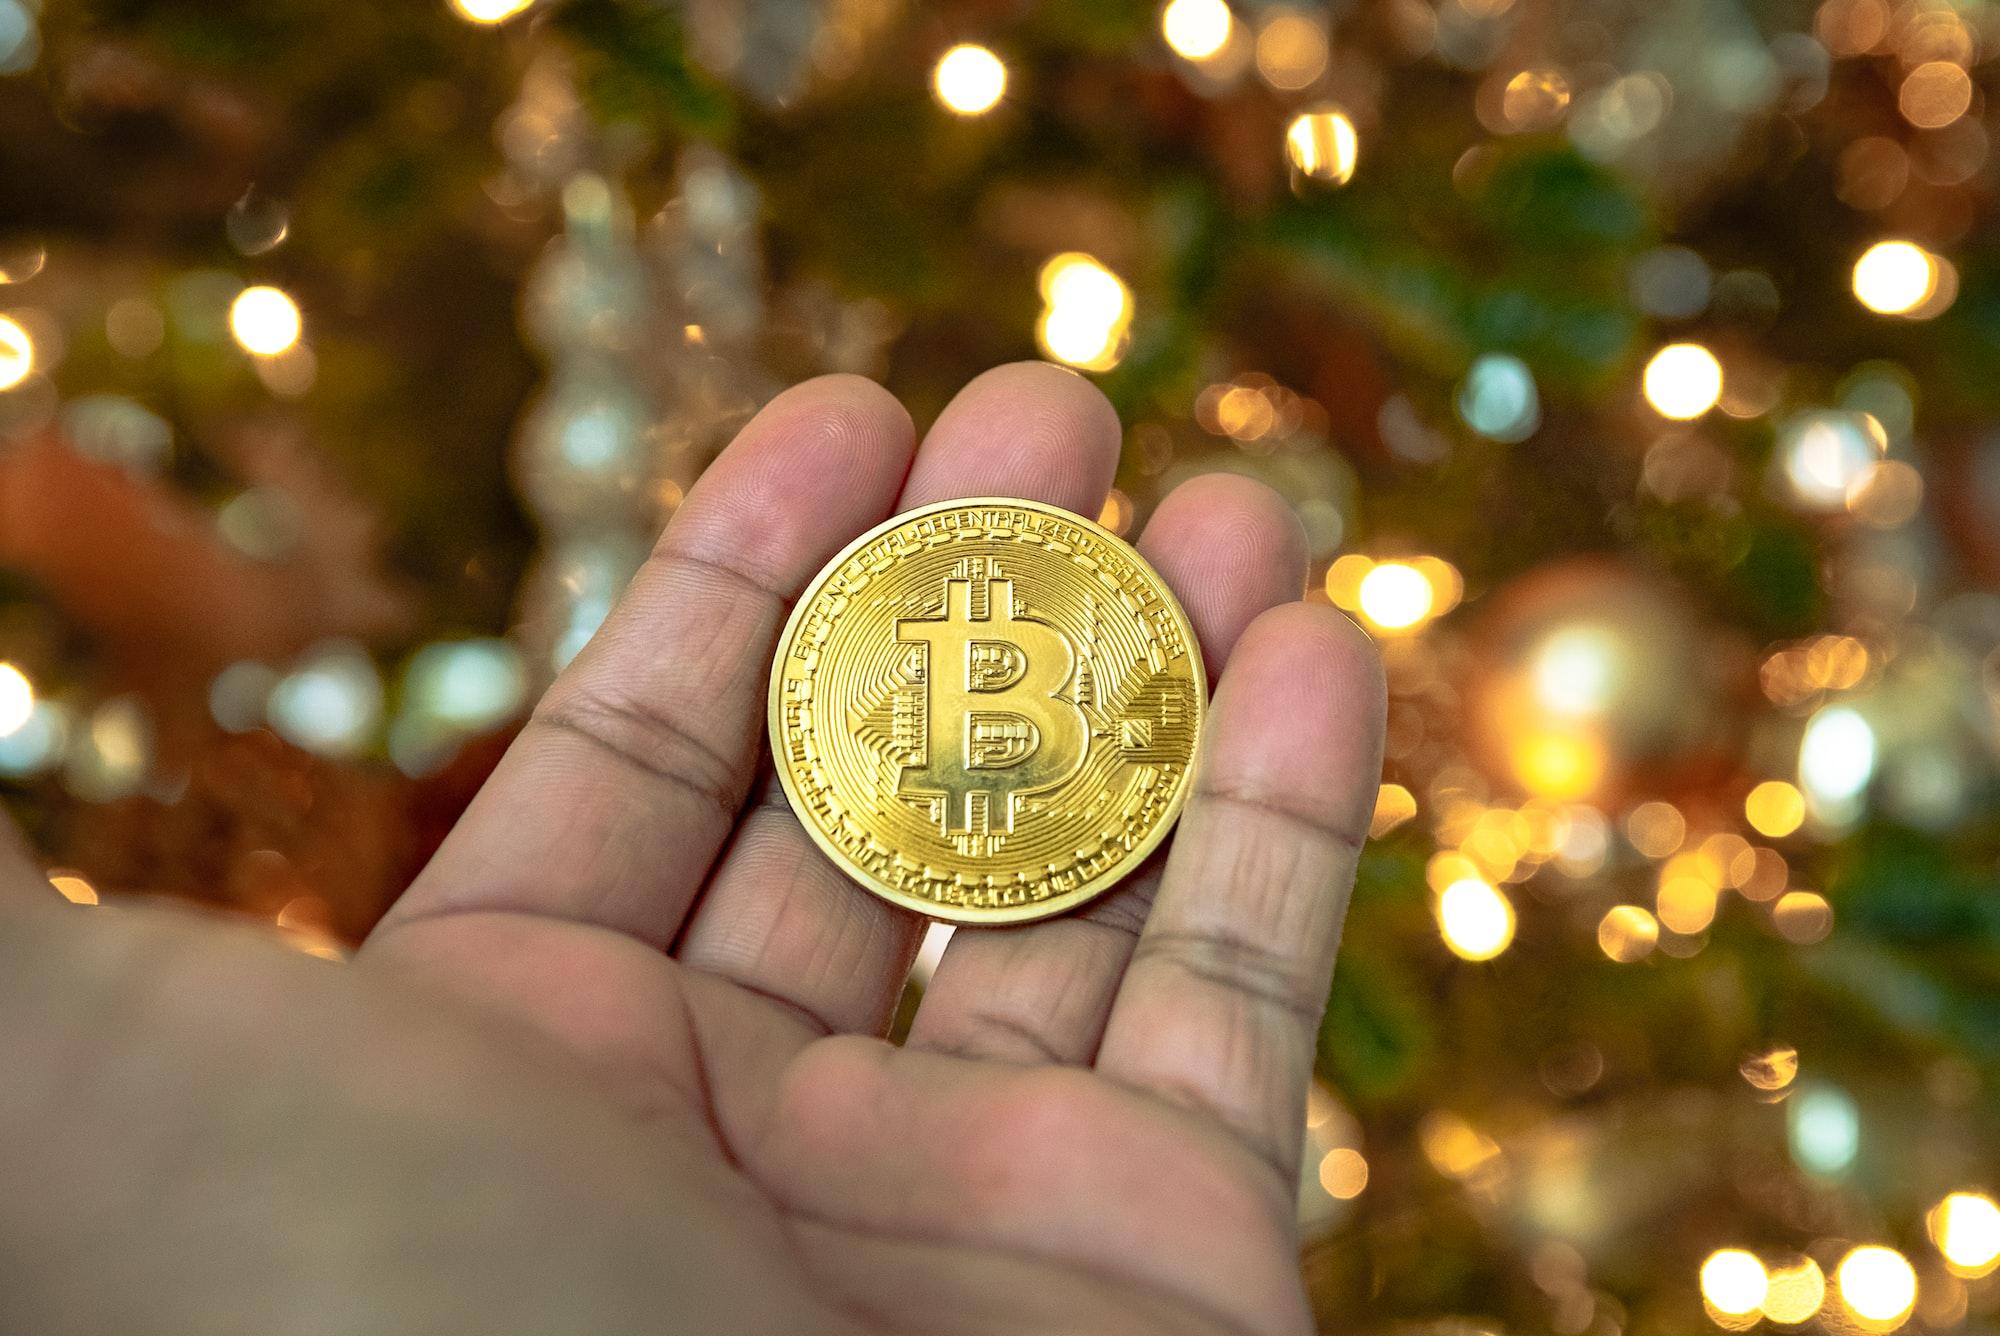 ปริมาณธุรกรรม 7 วันของ Bitcoin พุ่งแตะจุดสูงสุดตลอดกาลที่ 4.39 พันล้านดอลลาร์